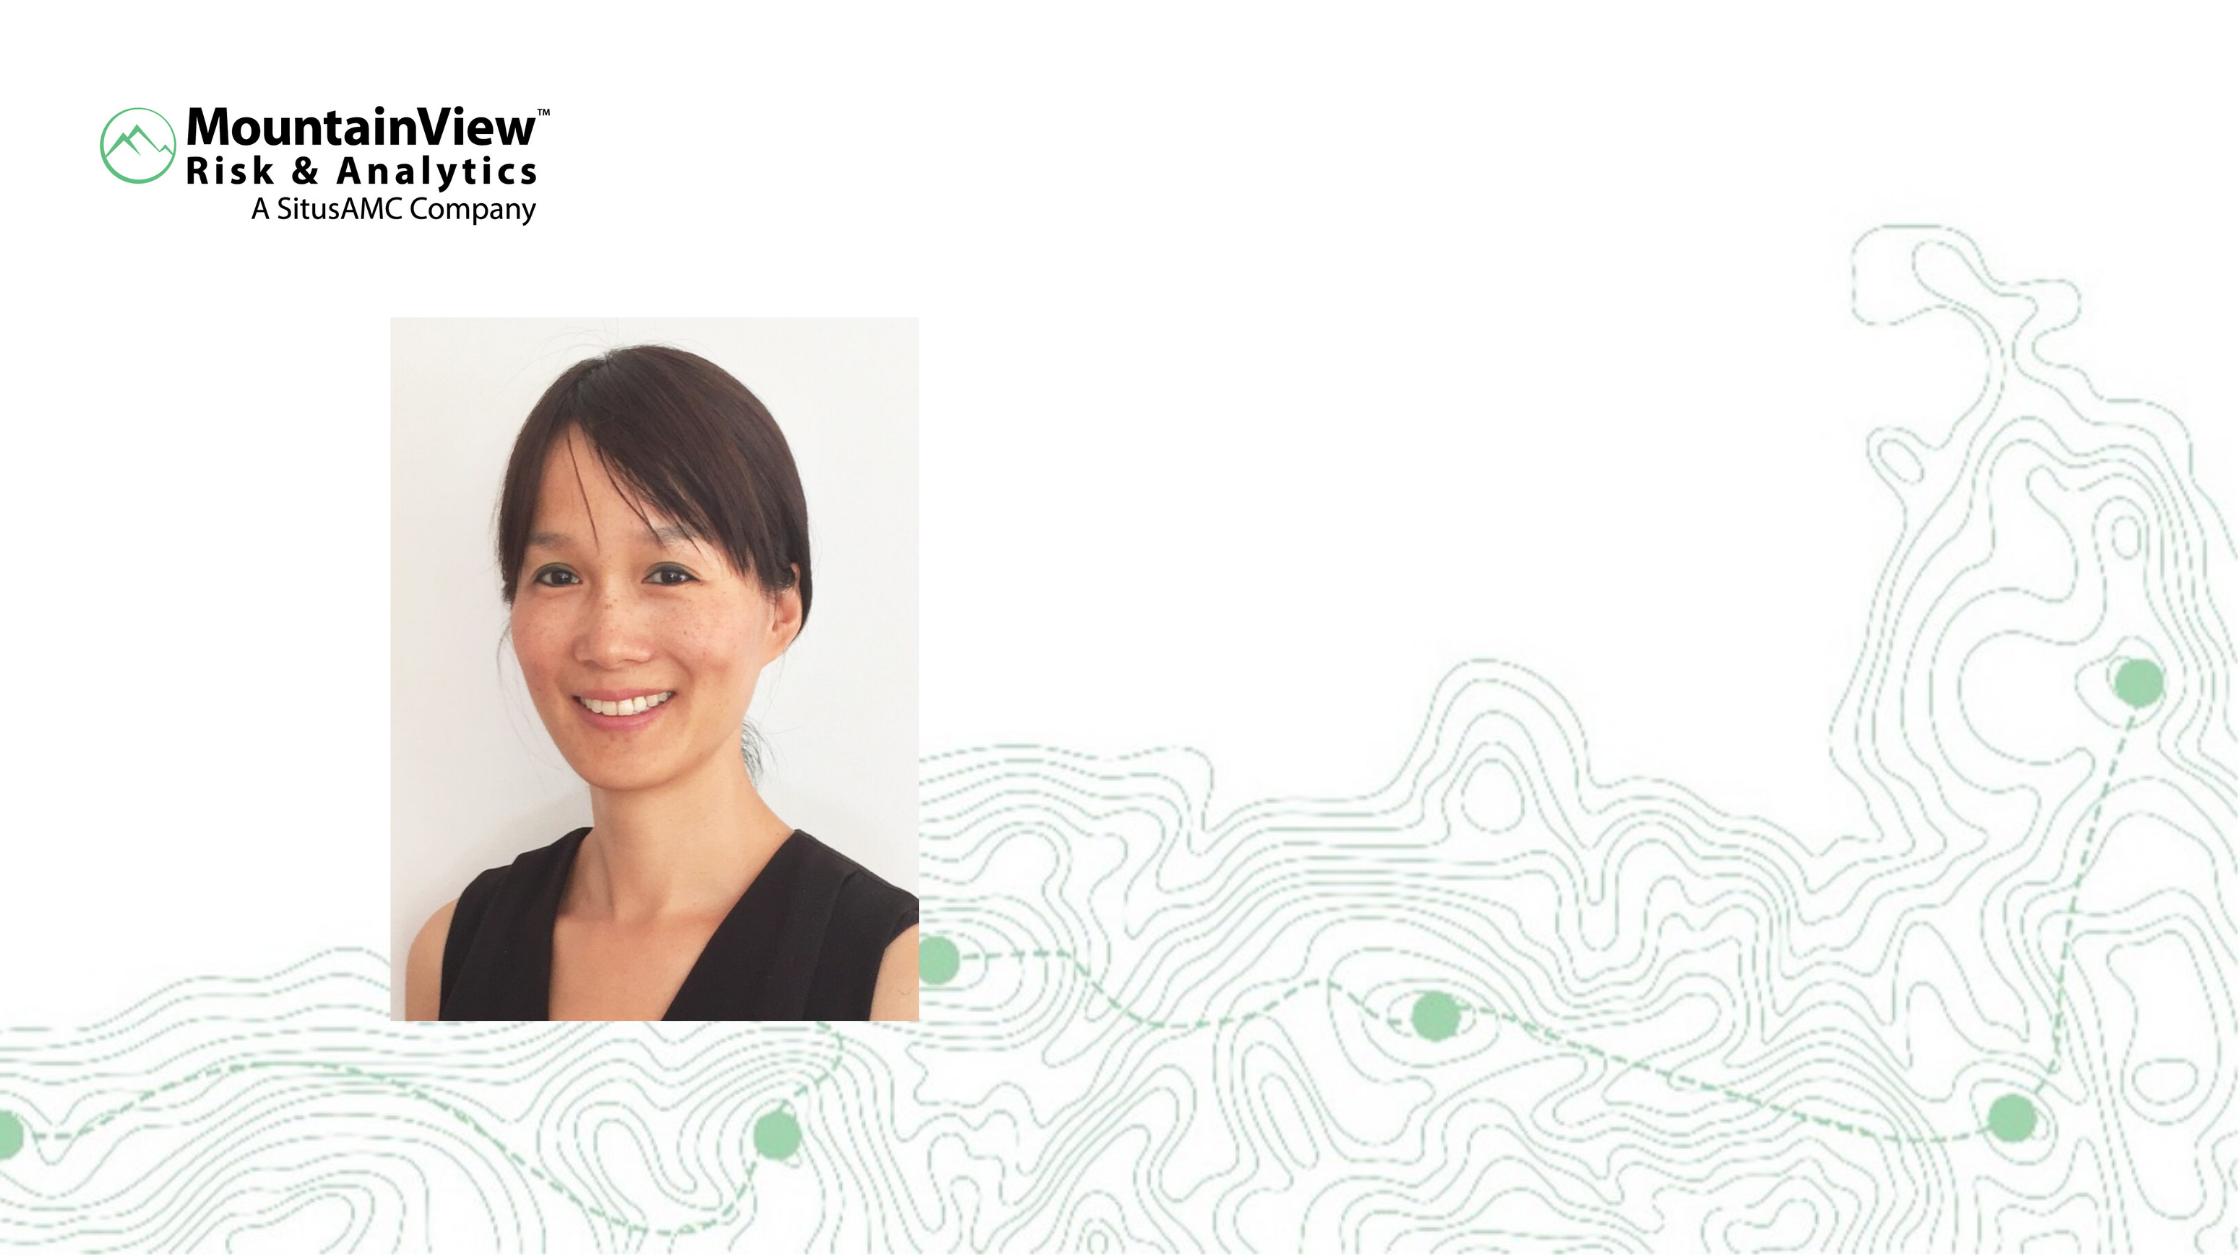 Meet the Team: Della Zheng